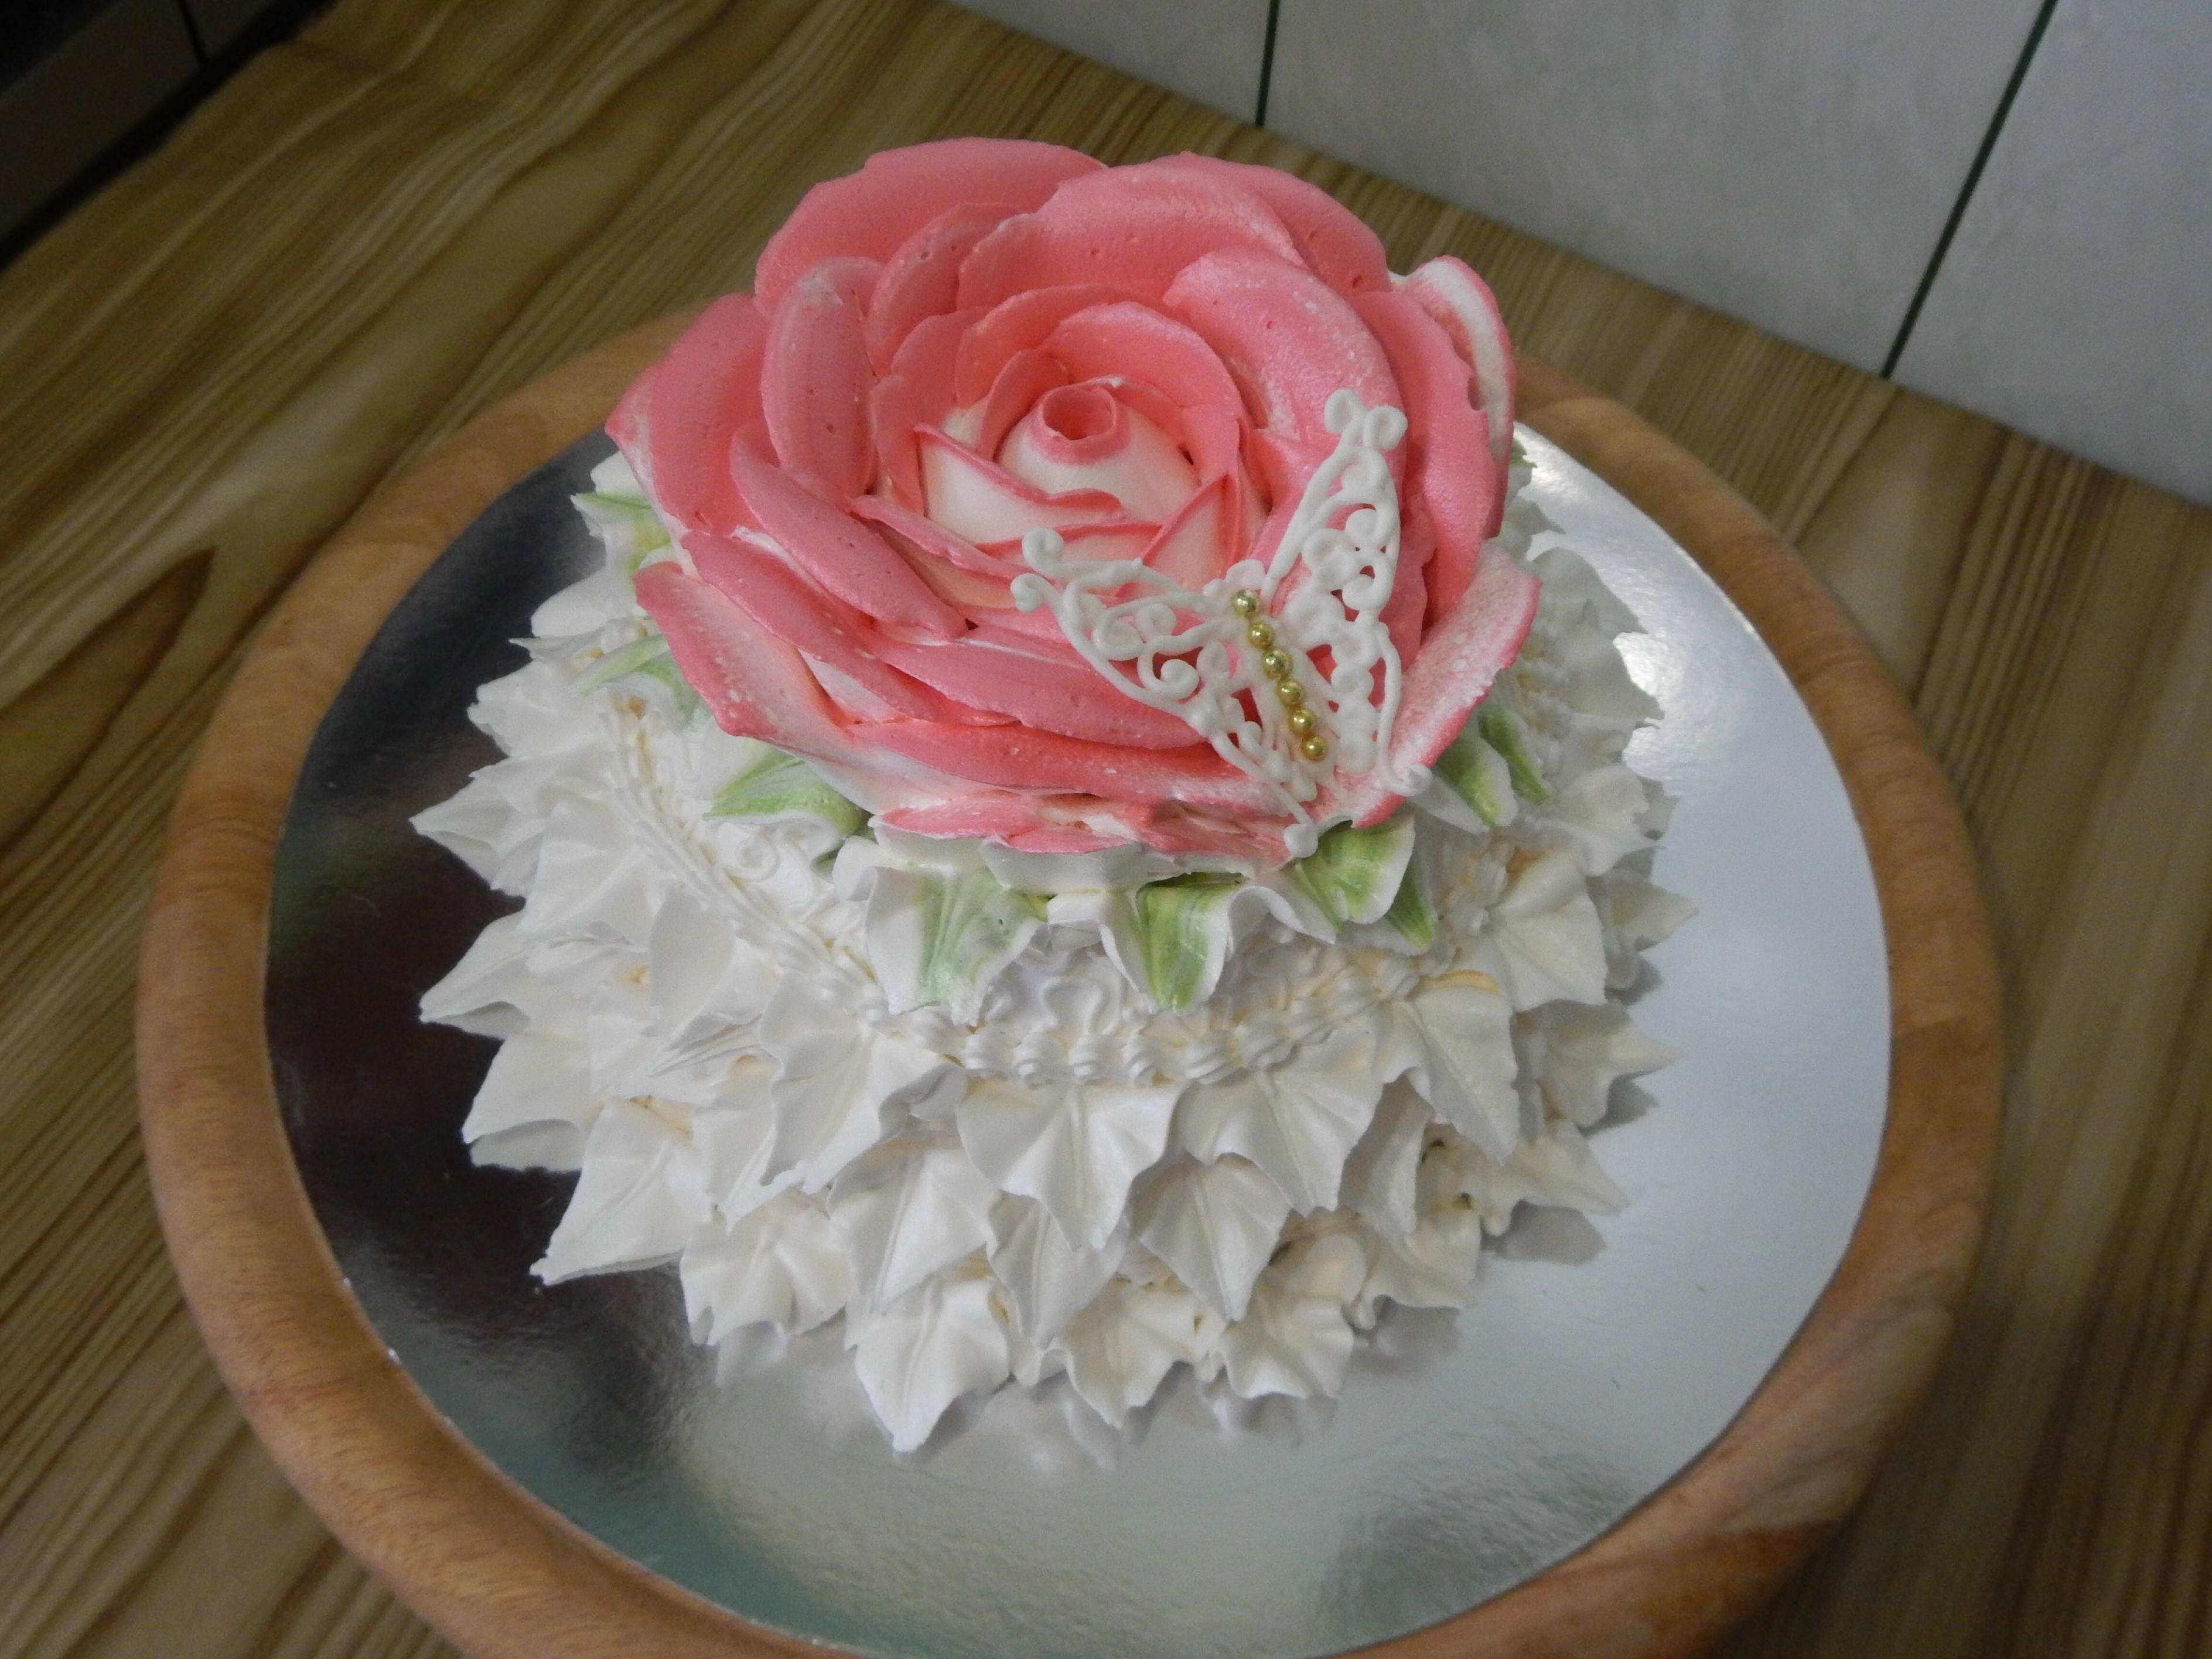 белковый крем цветы украшение торт фото высокая